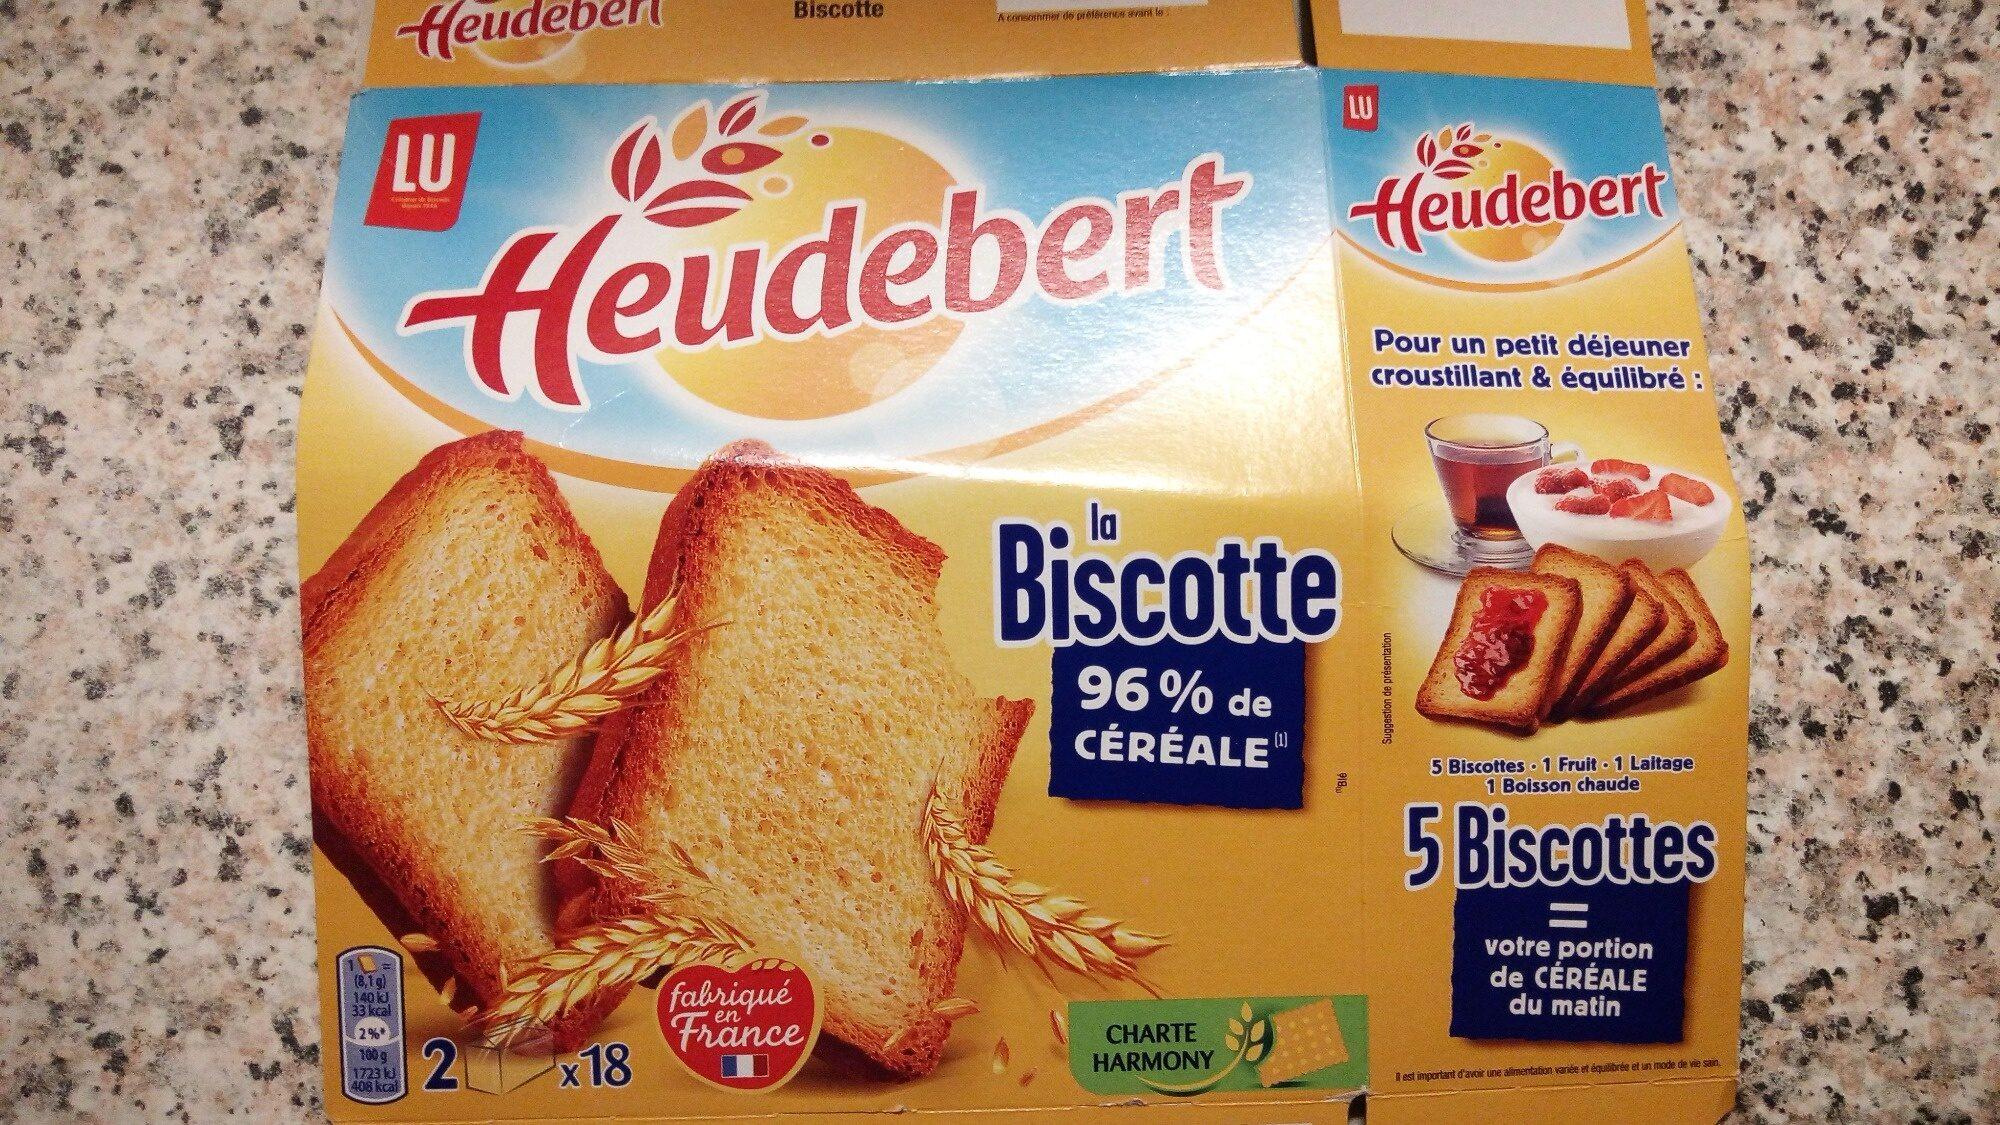 Biscotte Heudebert - Produit